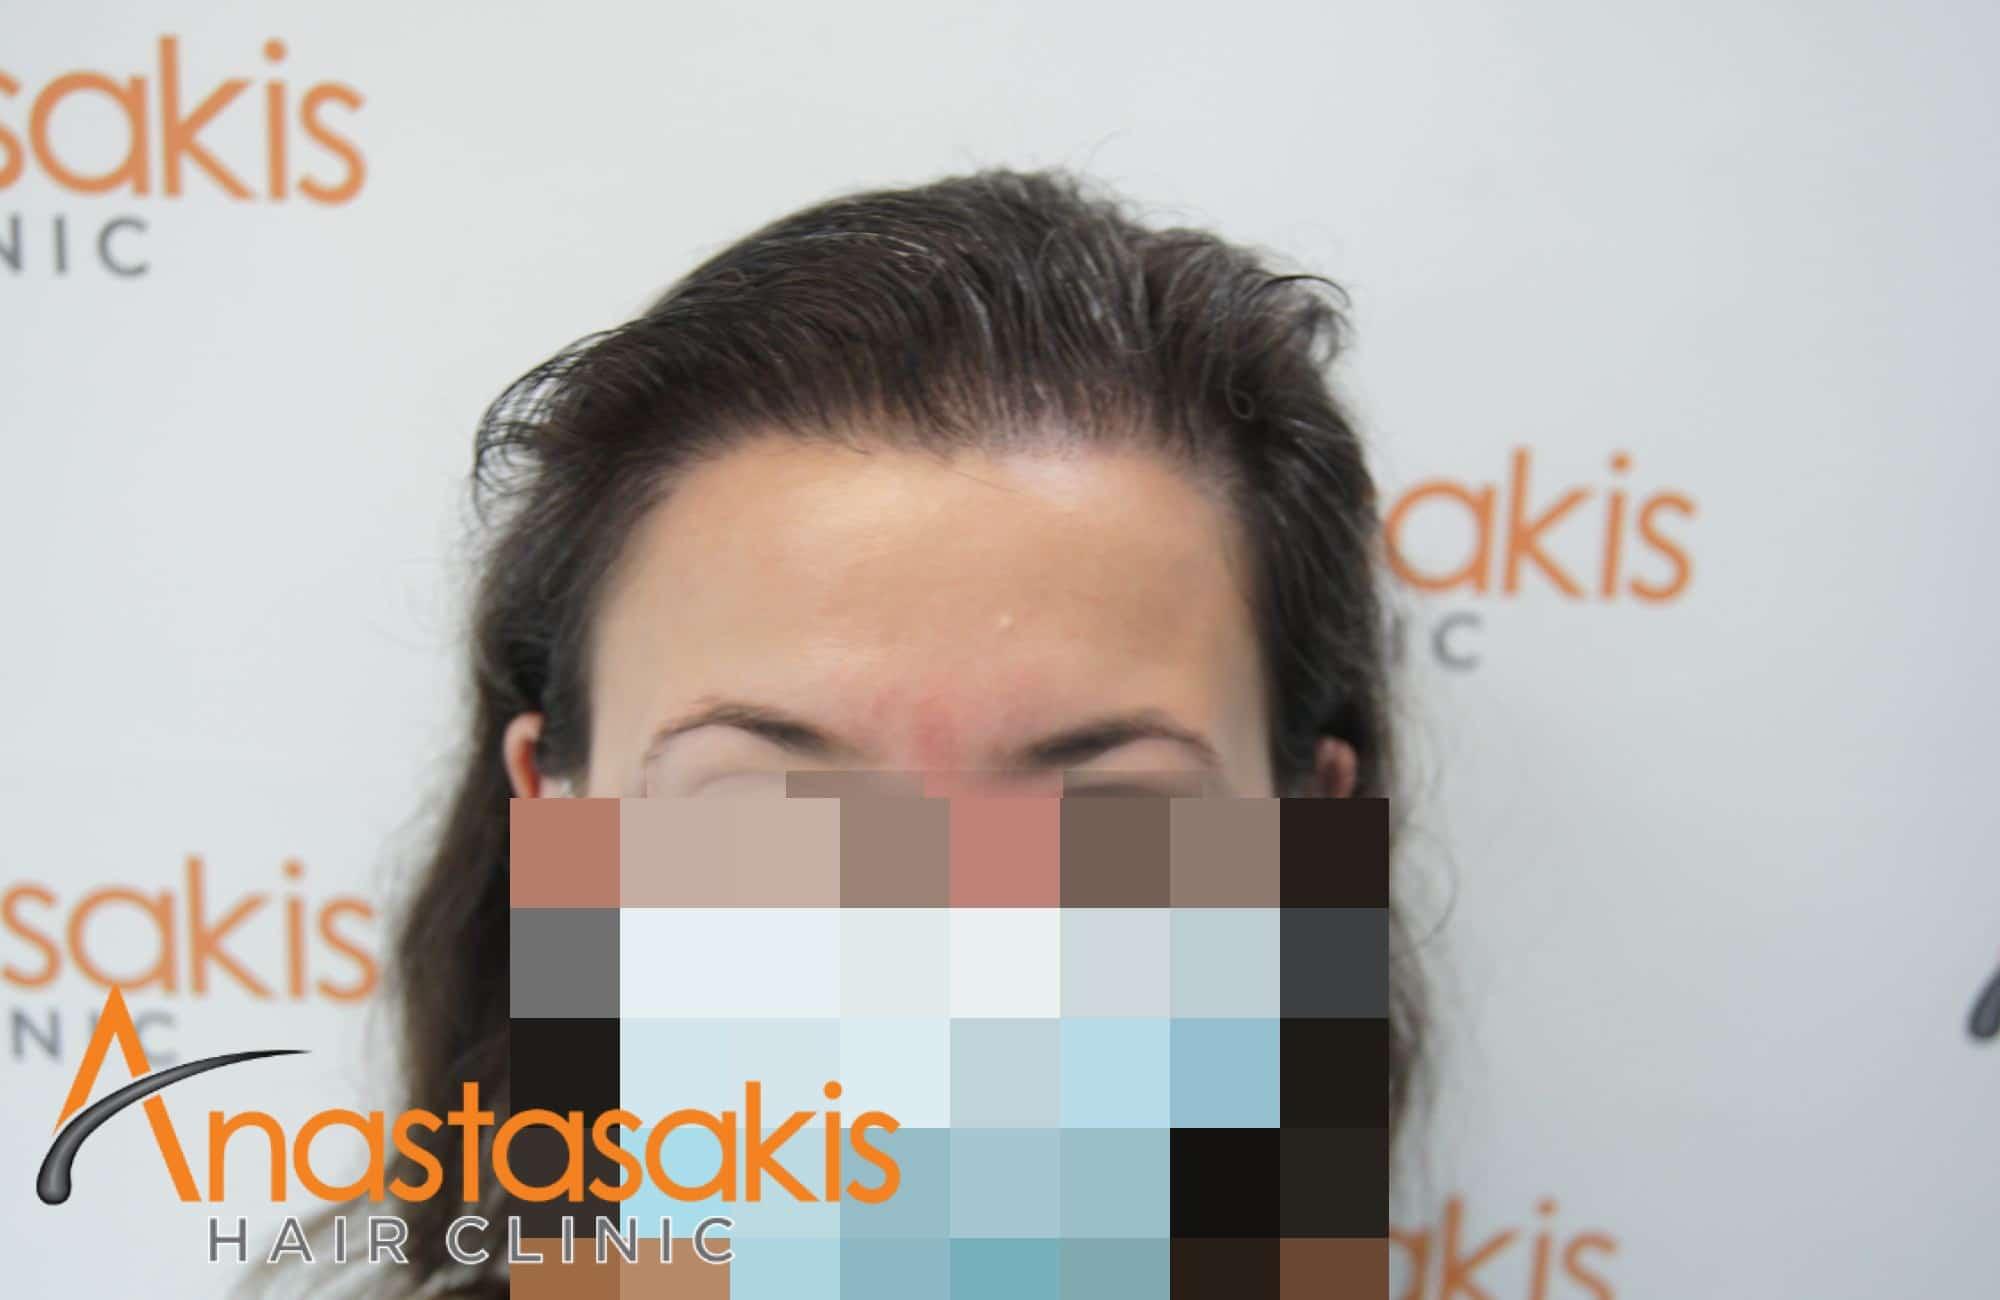 περιστατικό με 2600 fus - μετα τη μεταμόσχευση μαλλιών - γυναίκα - fullface